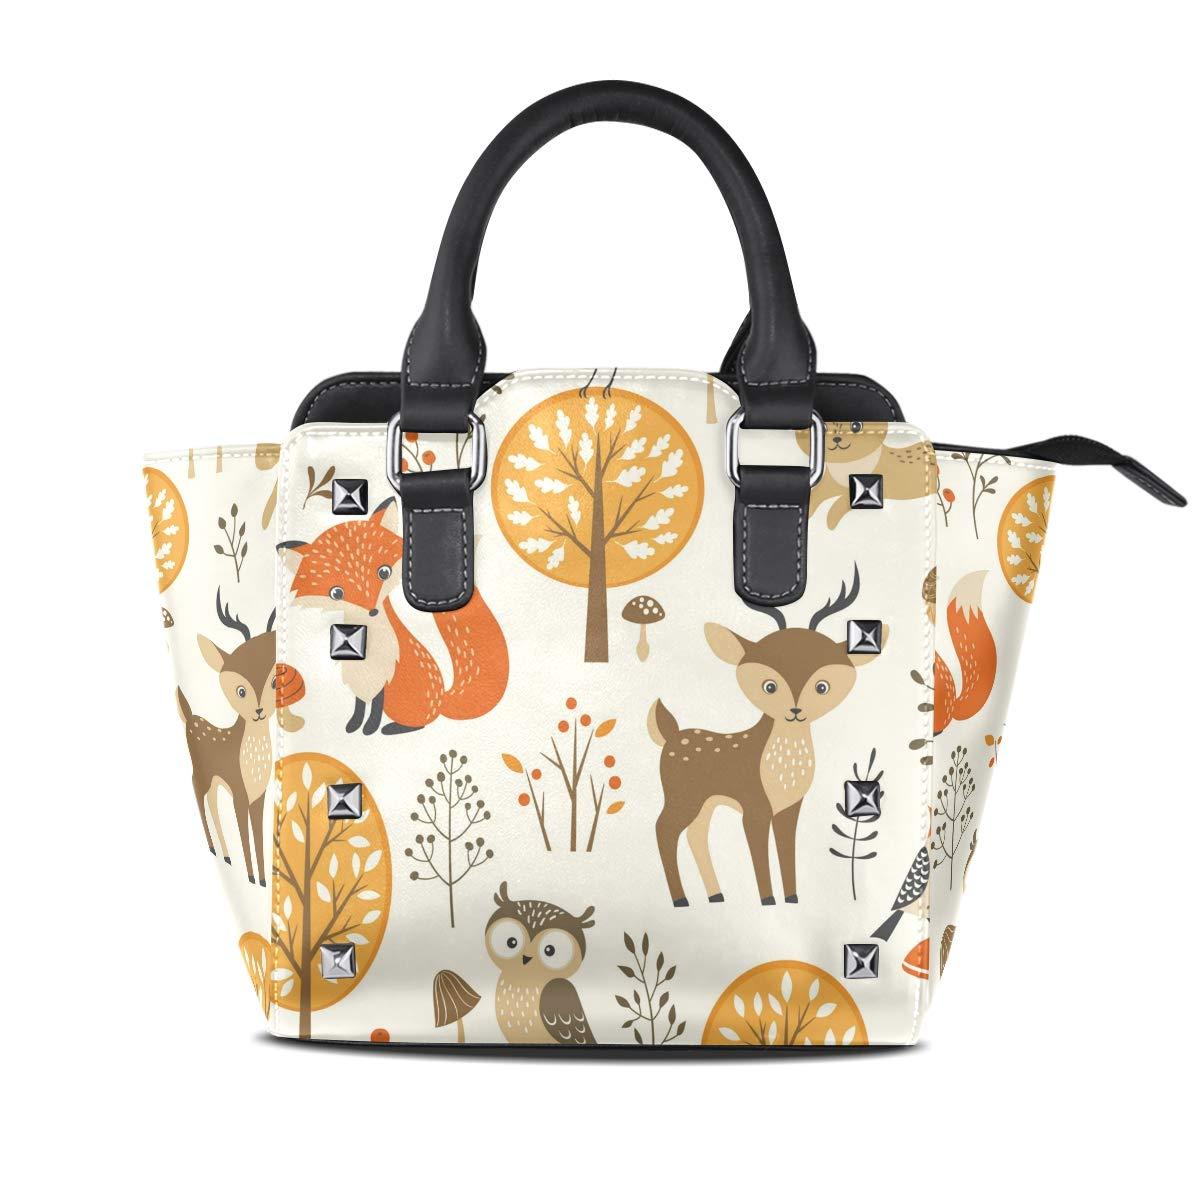 Design4 Handbag LongHorned Cat And Unicorn Genuine Leather Tote Rivet Bag Shoulder Strap Top Handle Women